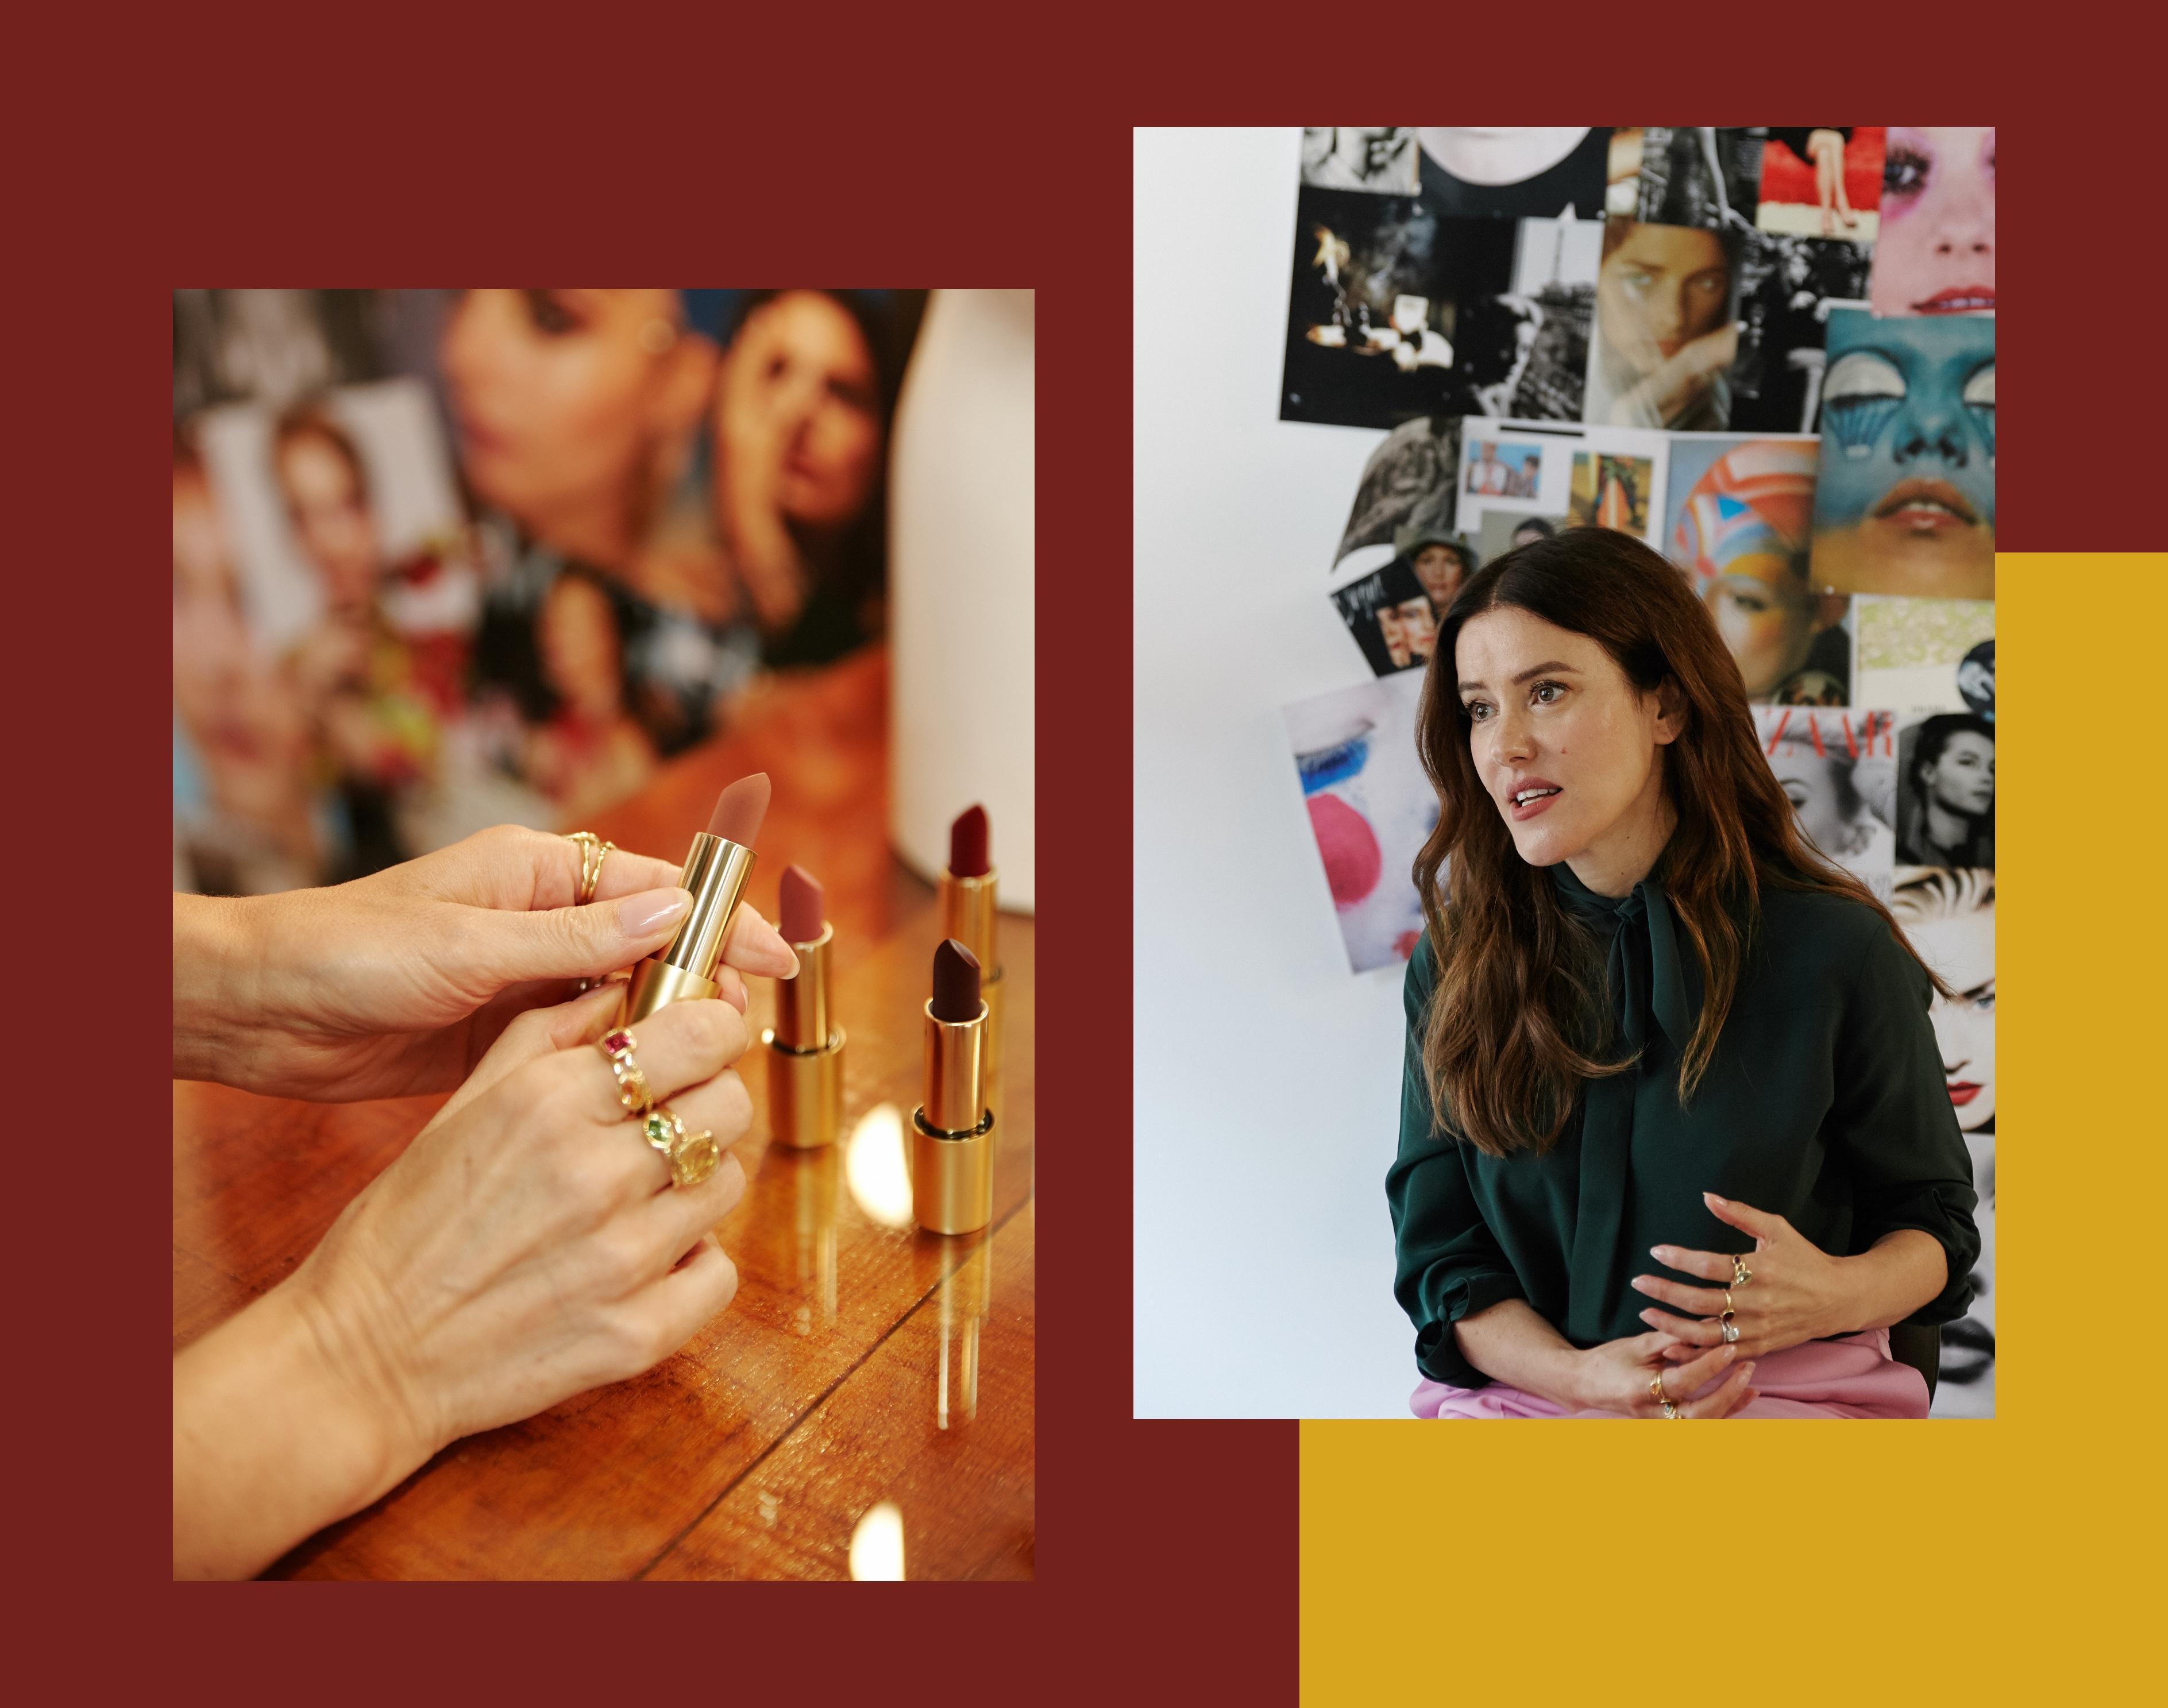 Lisa Eldridge: An ihren Fingern die vielen kleinen Edelsteinringe, die sie inzwischen selbst herstellen lässt. In ihren Händen die neuen Lippenstifte, deren Oberfläche matten Samt imitiert.